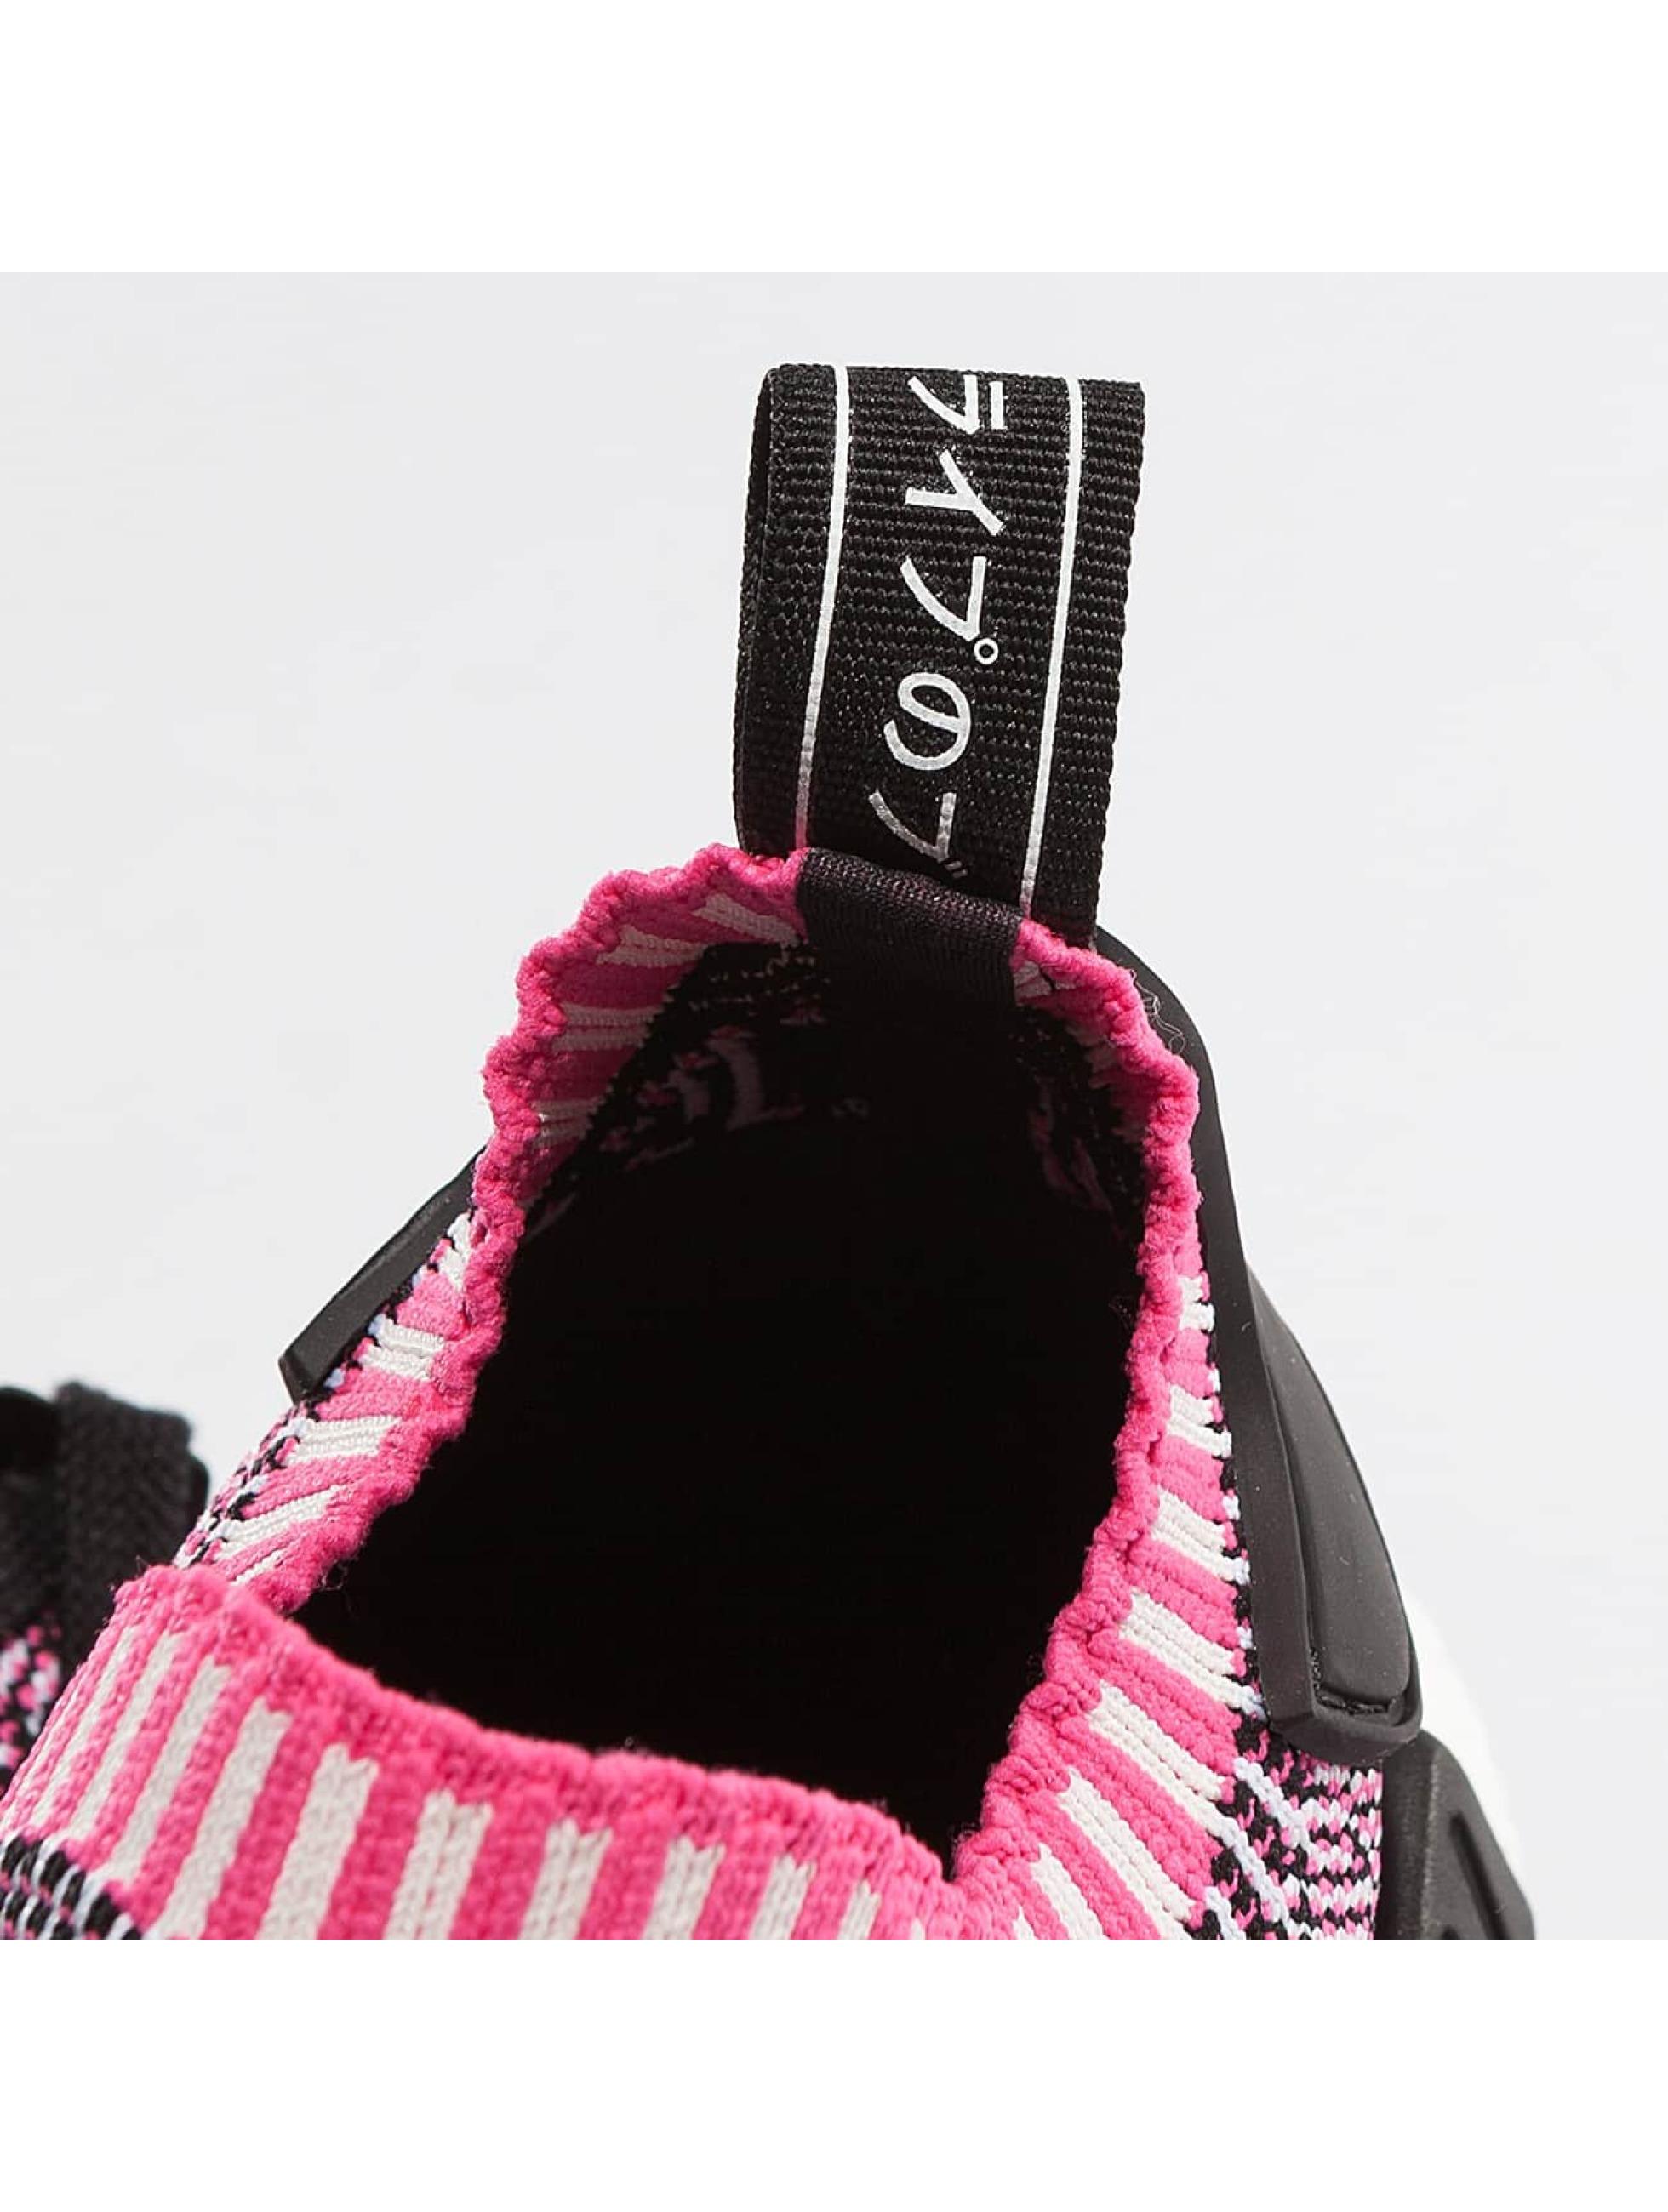 adidas Sneakers NMD R1 Primeknit pink